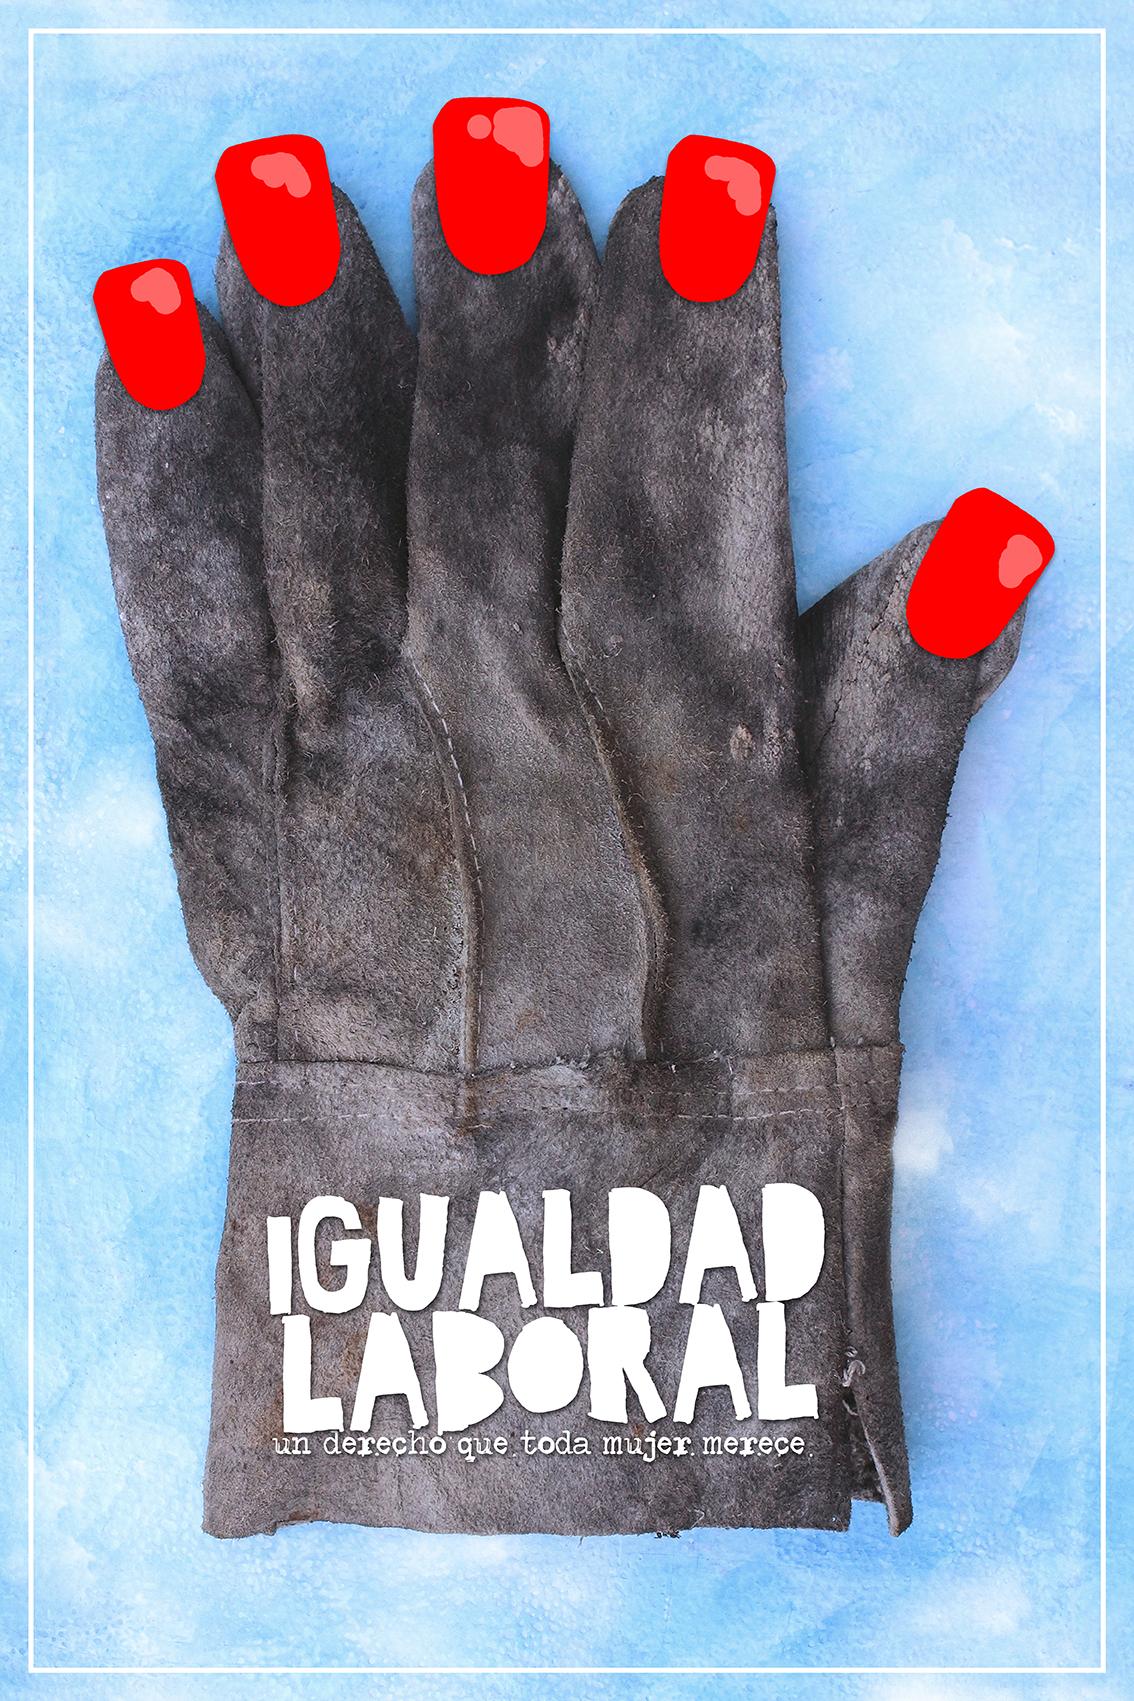 Igualdad laboral<br>2015<br>Impresión Digital